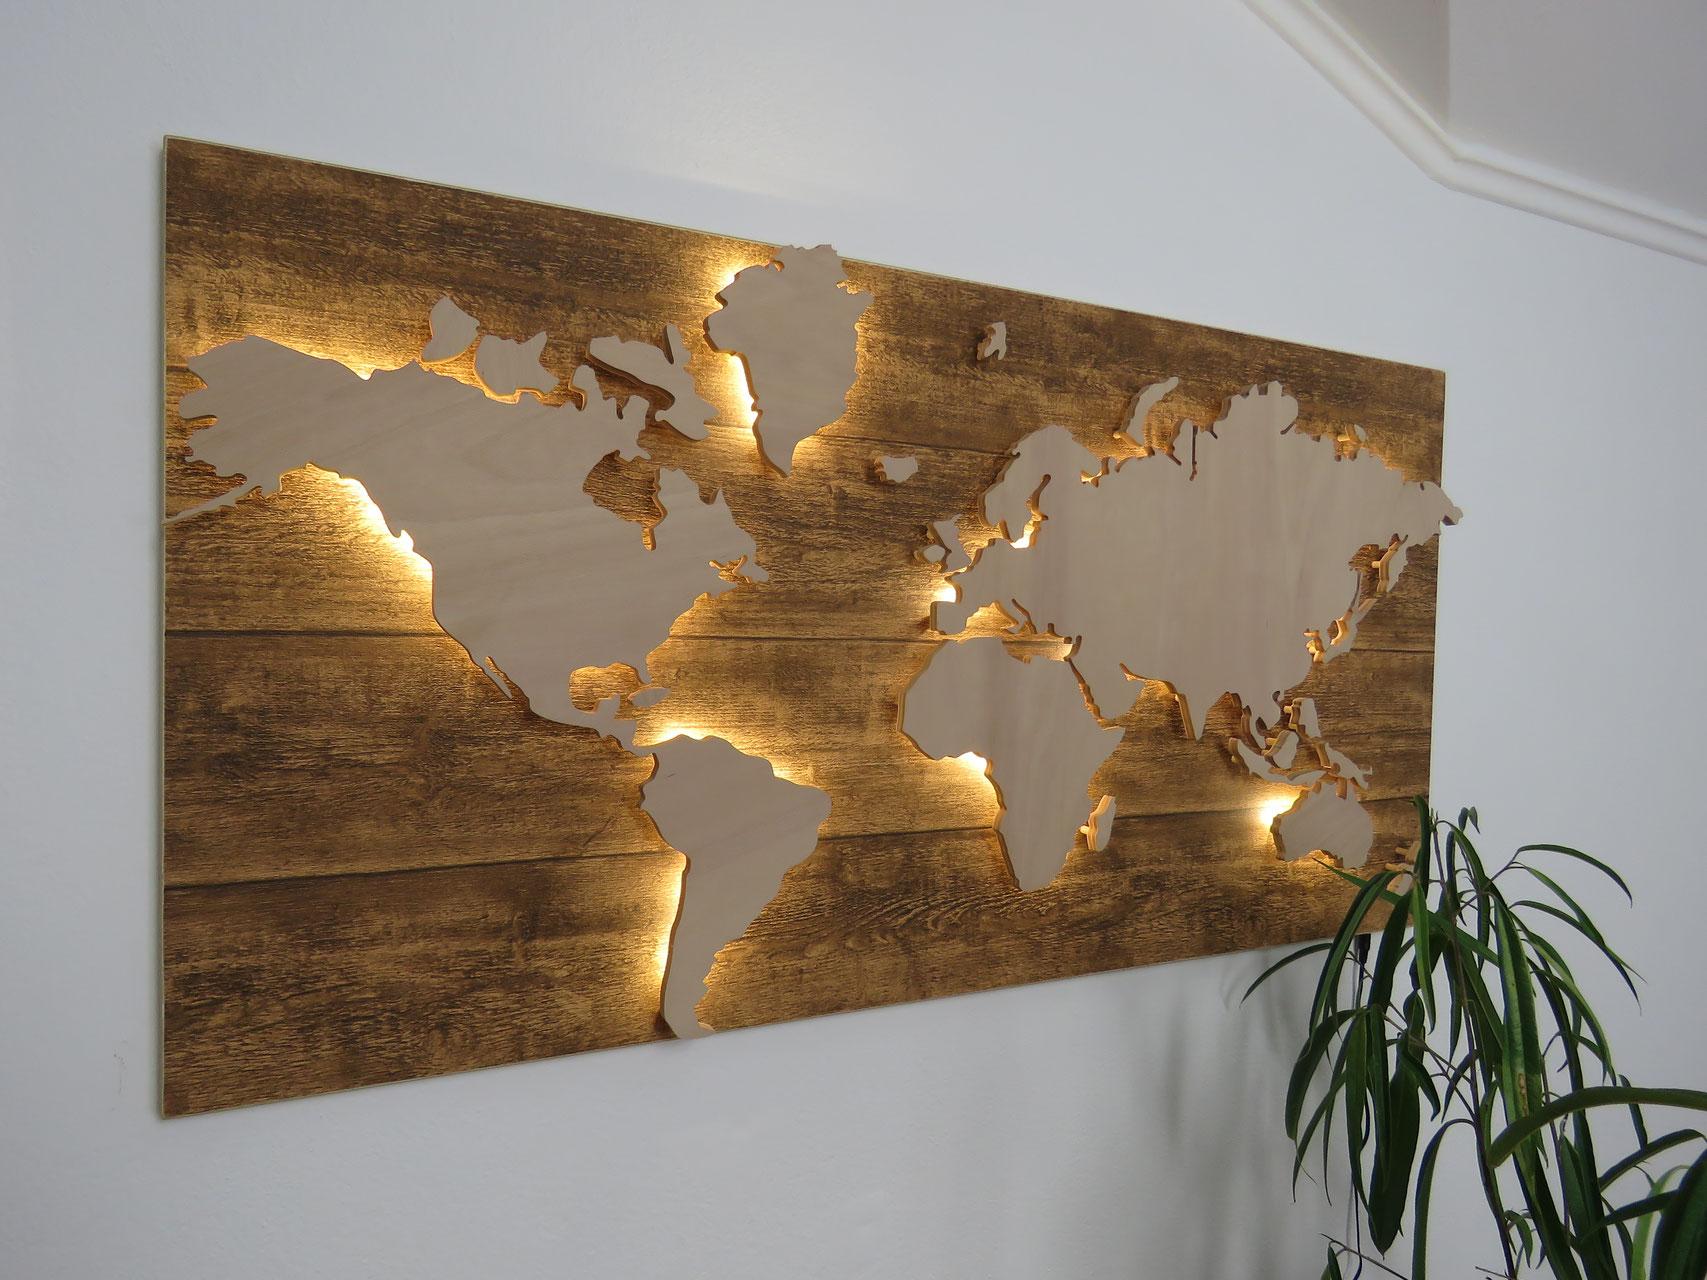 Weltkarte Hintergrund Holz Dekor Wintini At